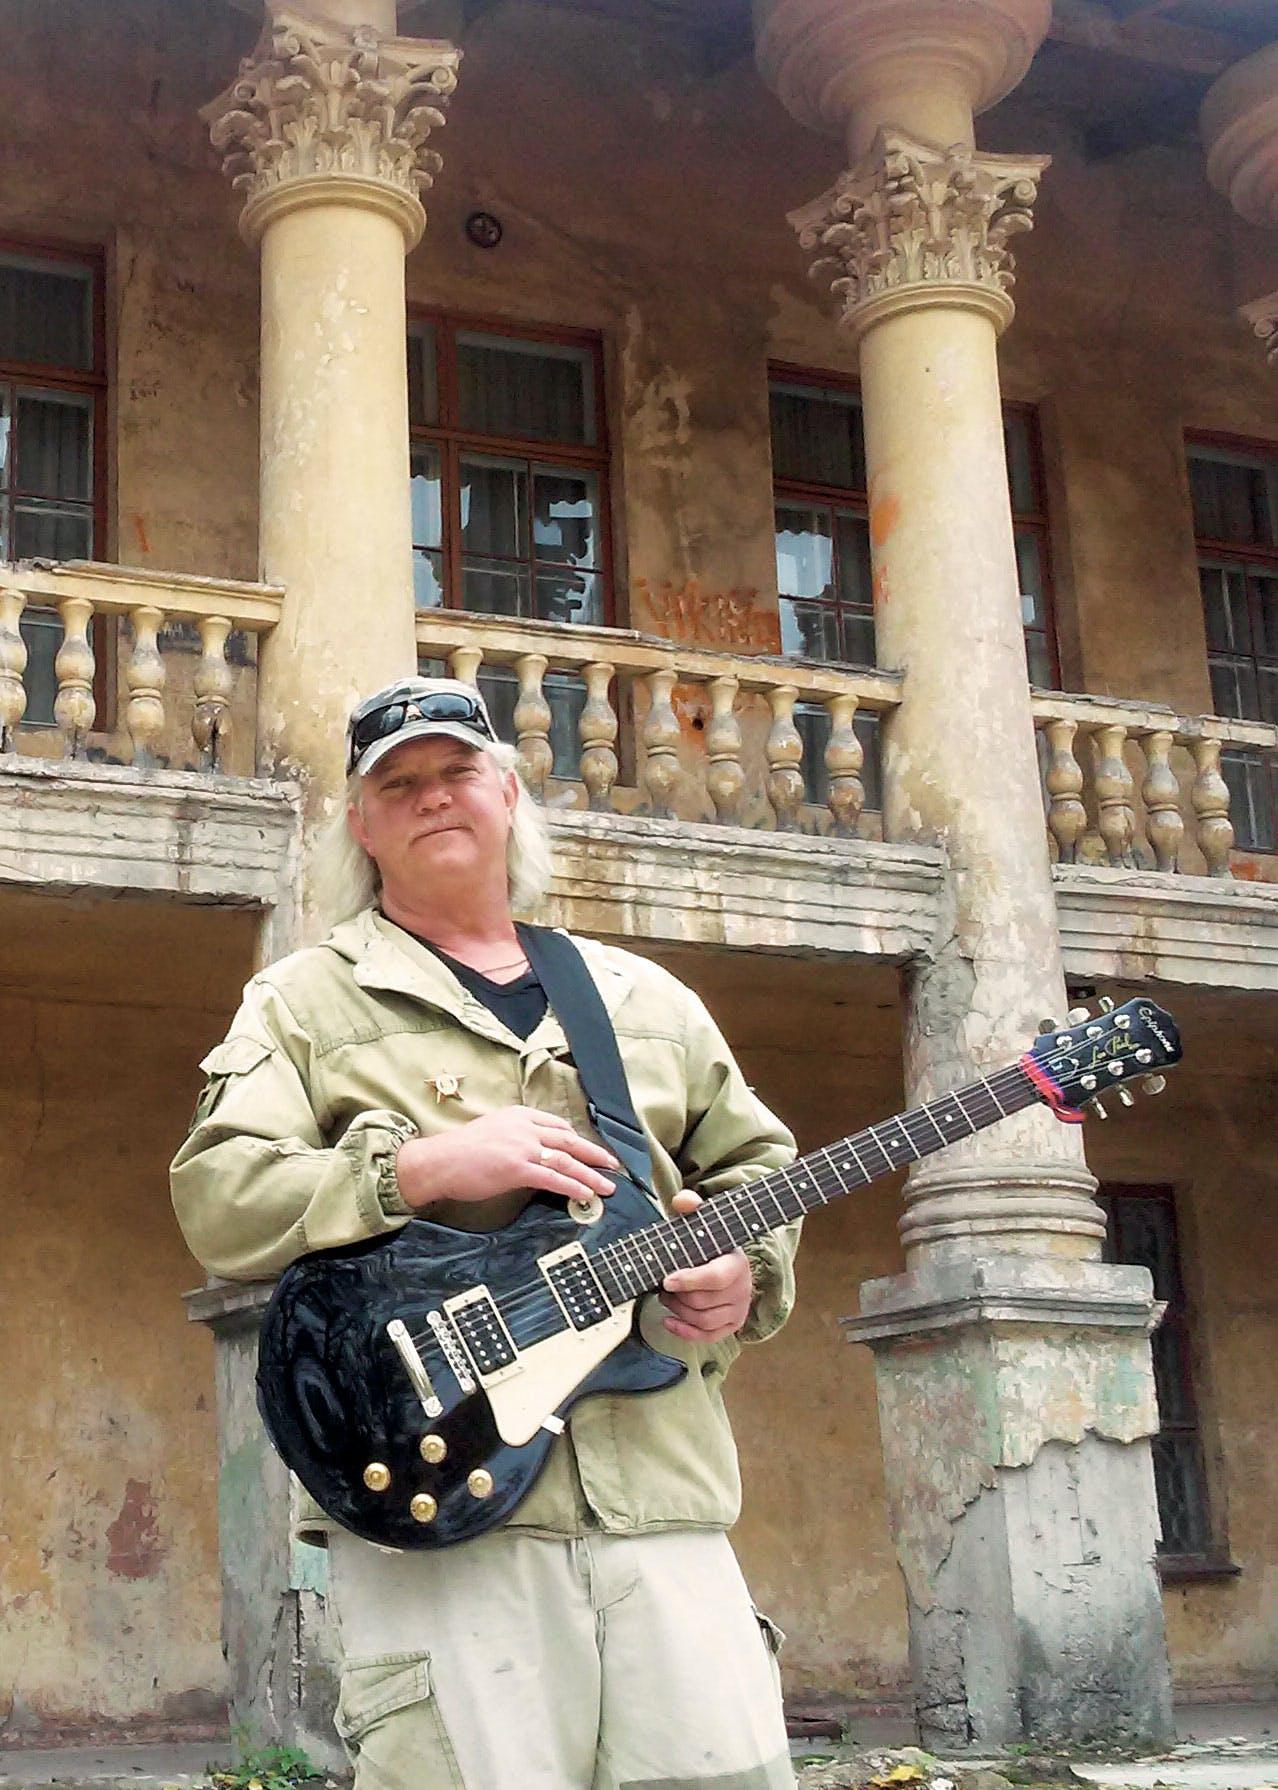 Bentley with guitar